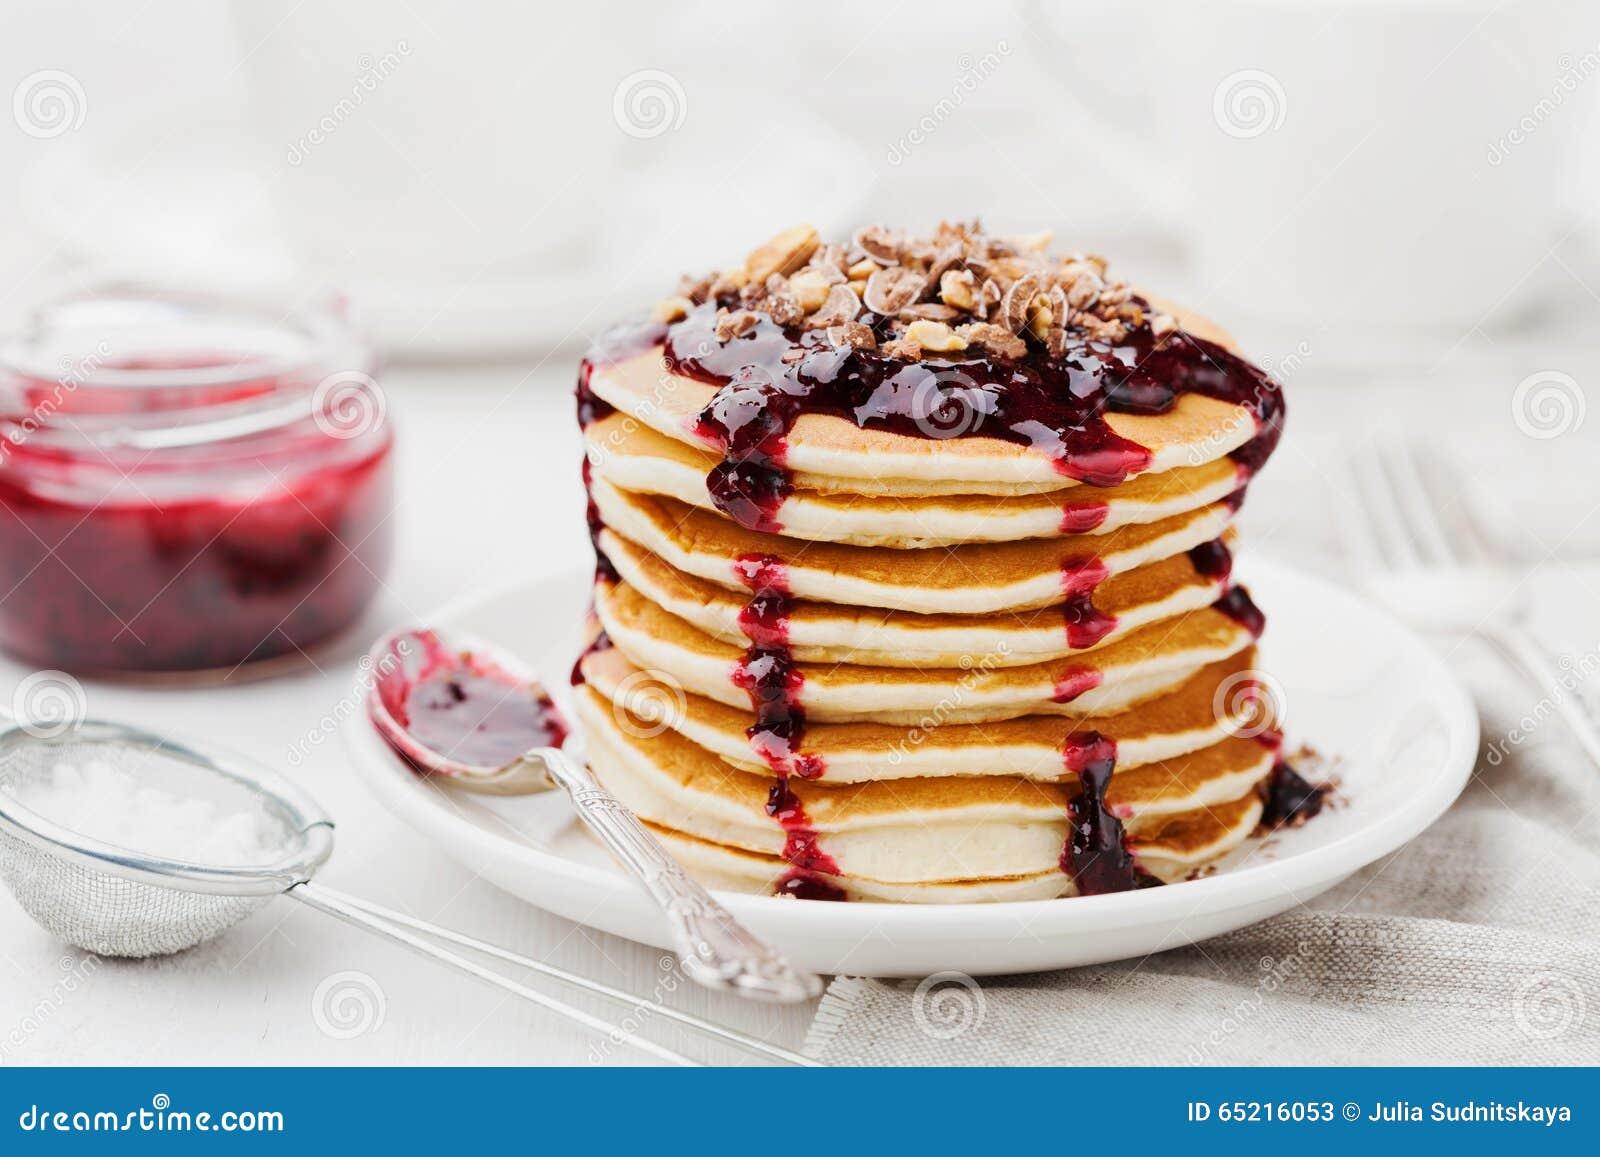 Stapel Amerikanische Pfannkuchen Oder Stuckchen Mit Schwarzer